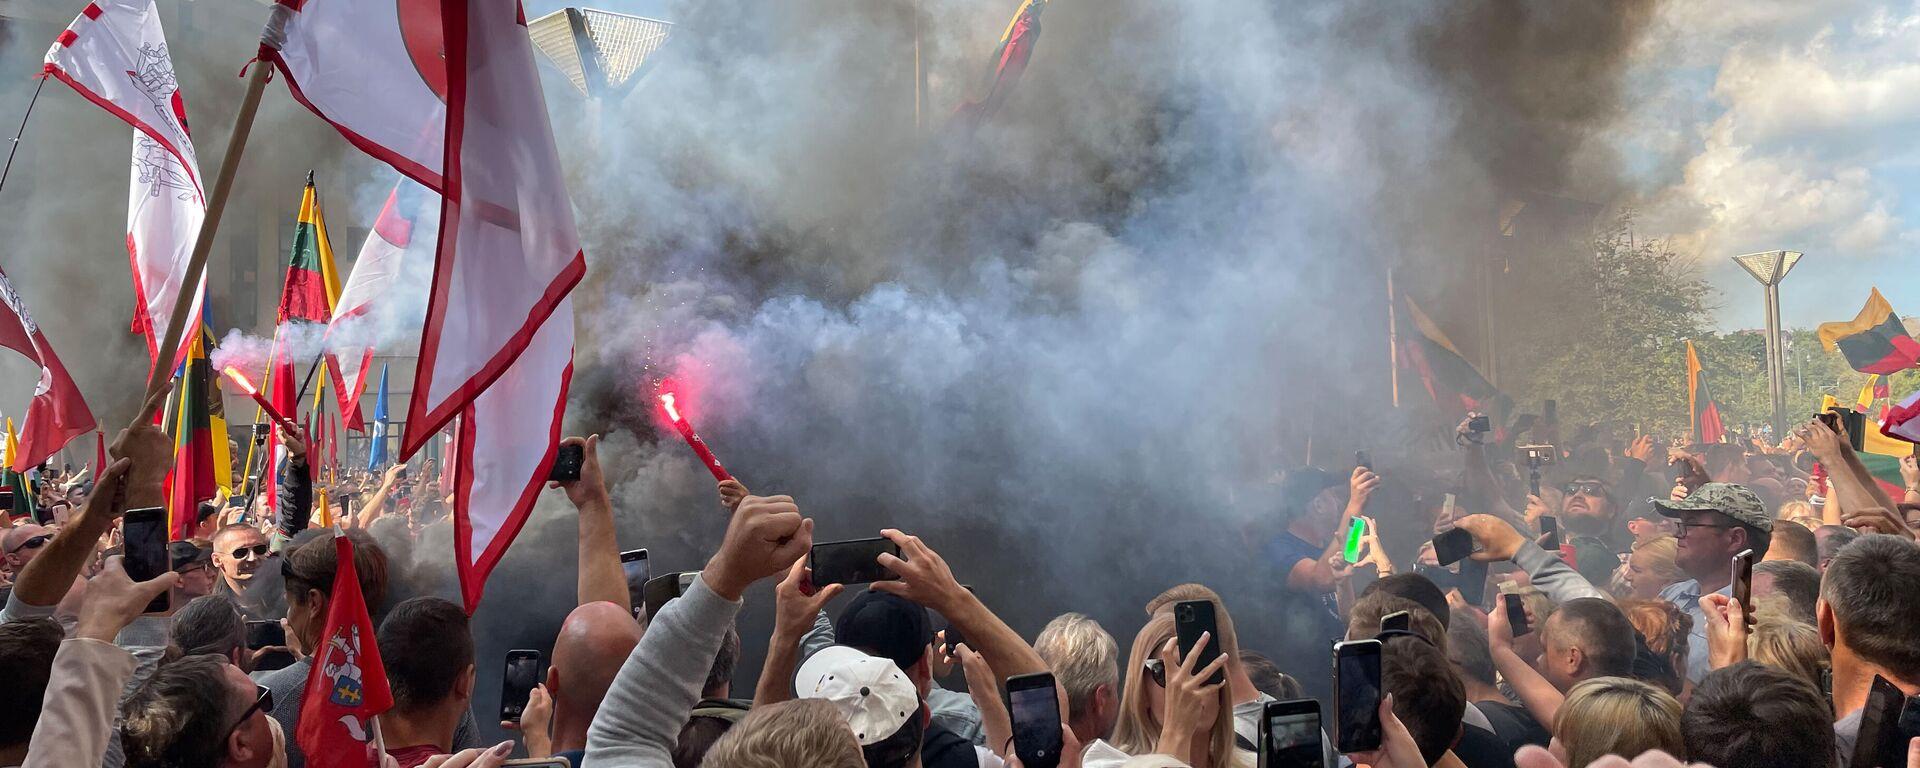 В Литве тысячи жителей вышли на митинг против политики властей - Sputnik Латвия, 1920, 10.08.2021